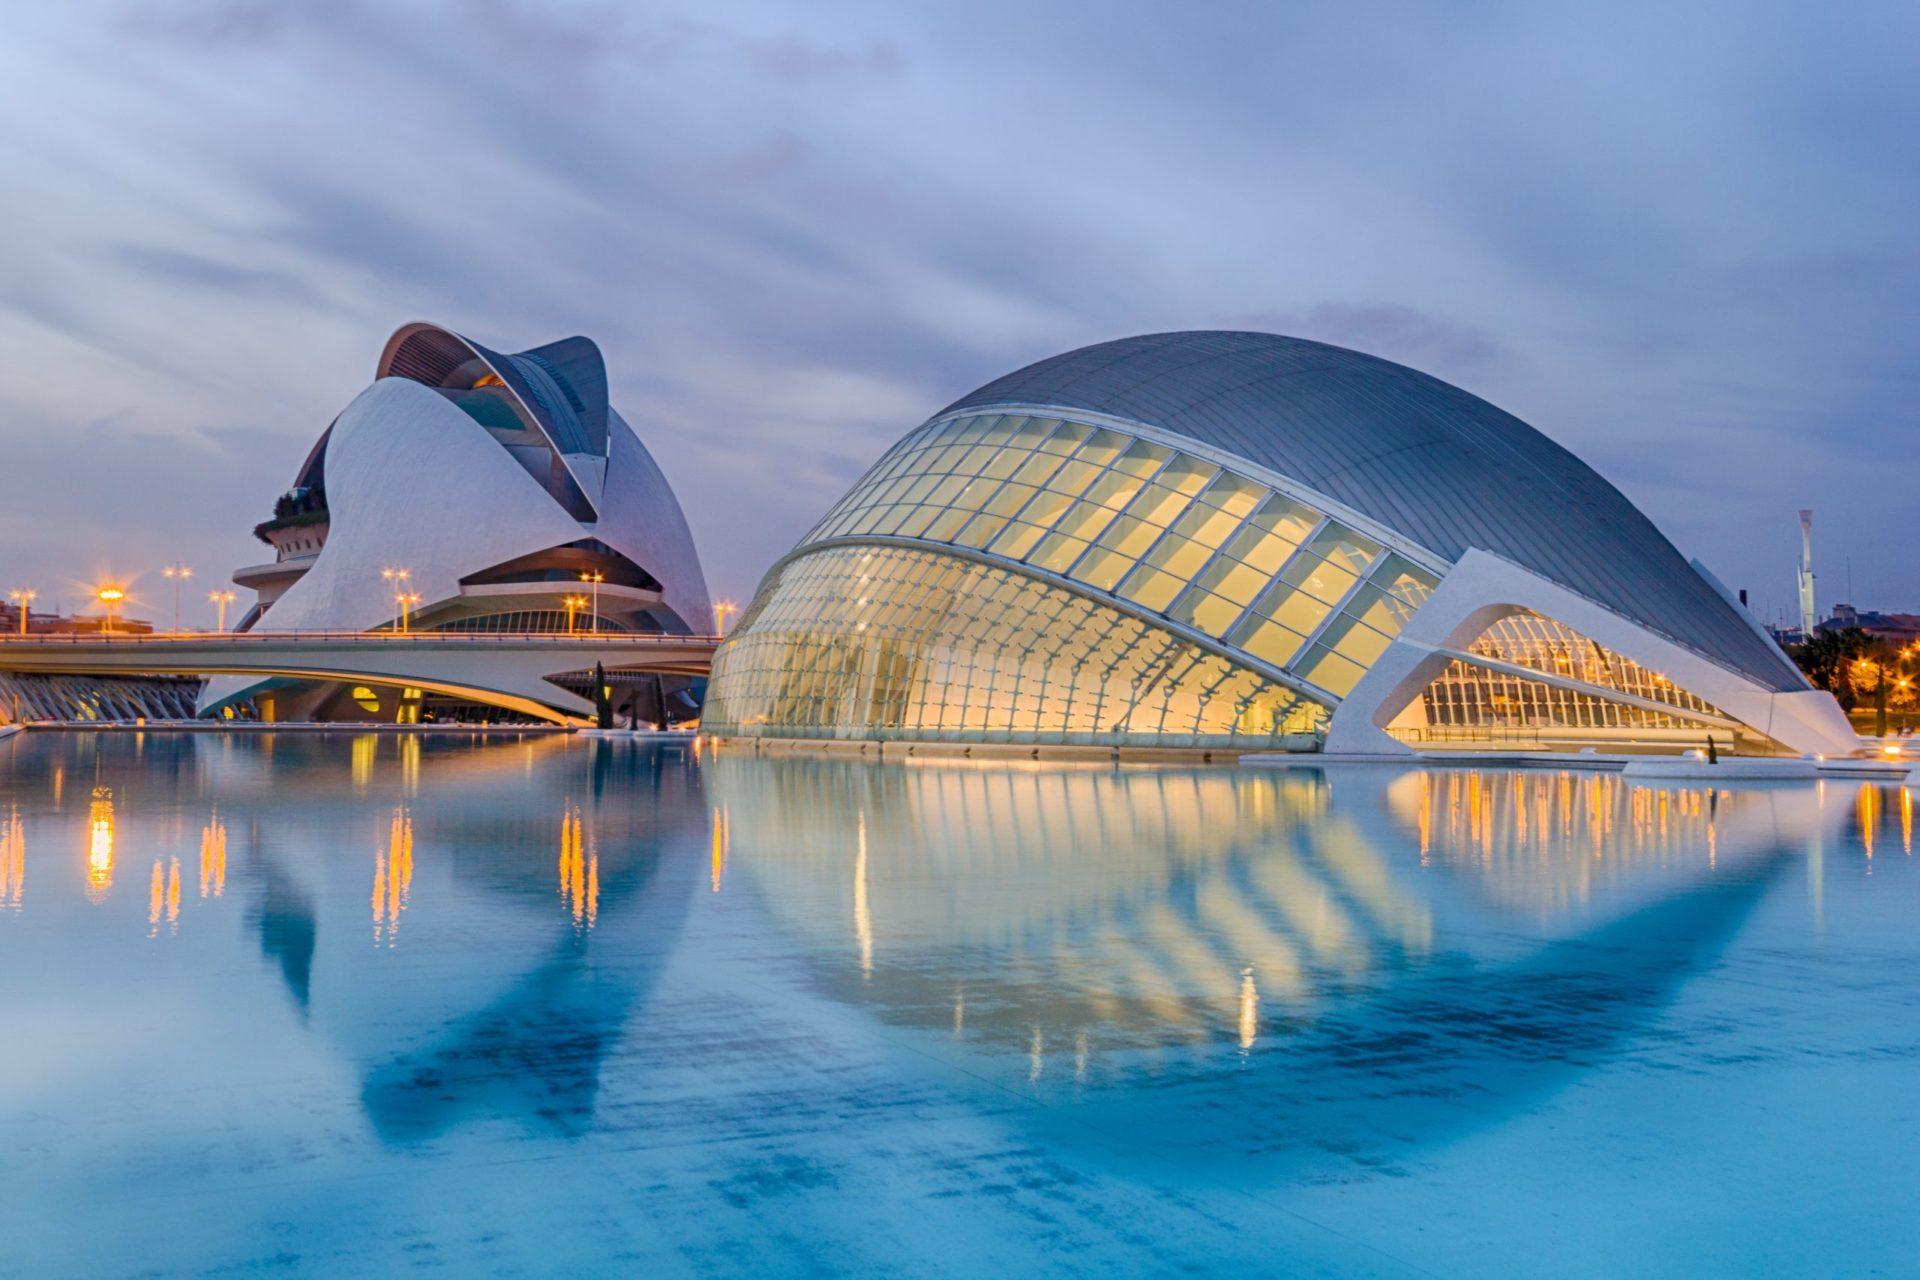 Wassertemperatur Valencia: Kulturelles Gebäude L'Hemisfèric mit Planetarium und Kino vom Architekt Santiago Calatrava Valls